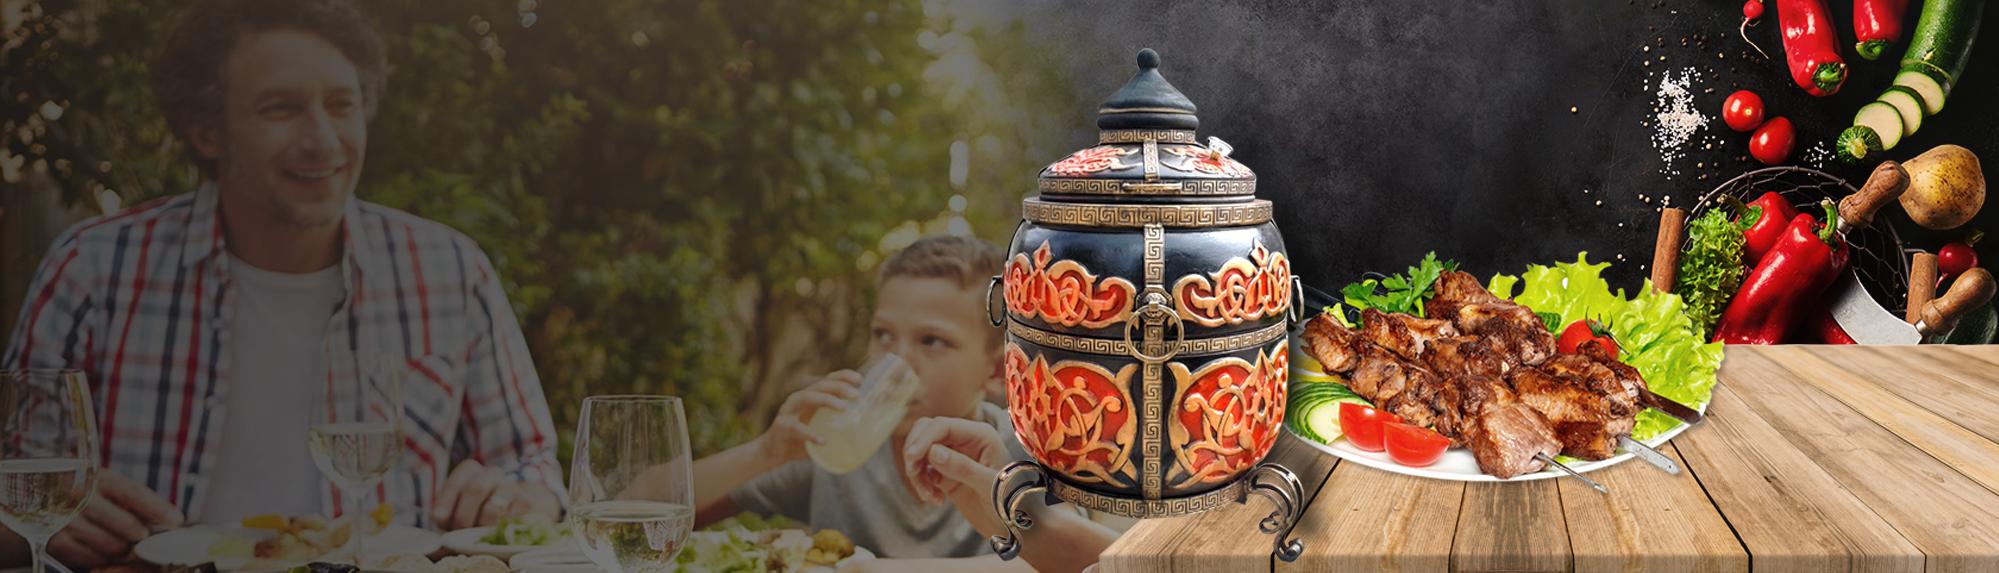 Наш сайт предложит вам выбор печей Тандыр в Израиле для дома и сада, инструкции и рецепты рассчитанные на Израильского потребителя.